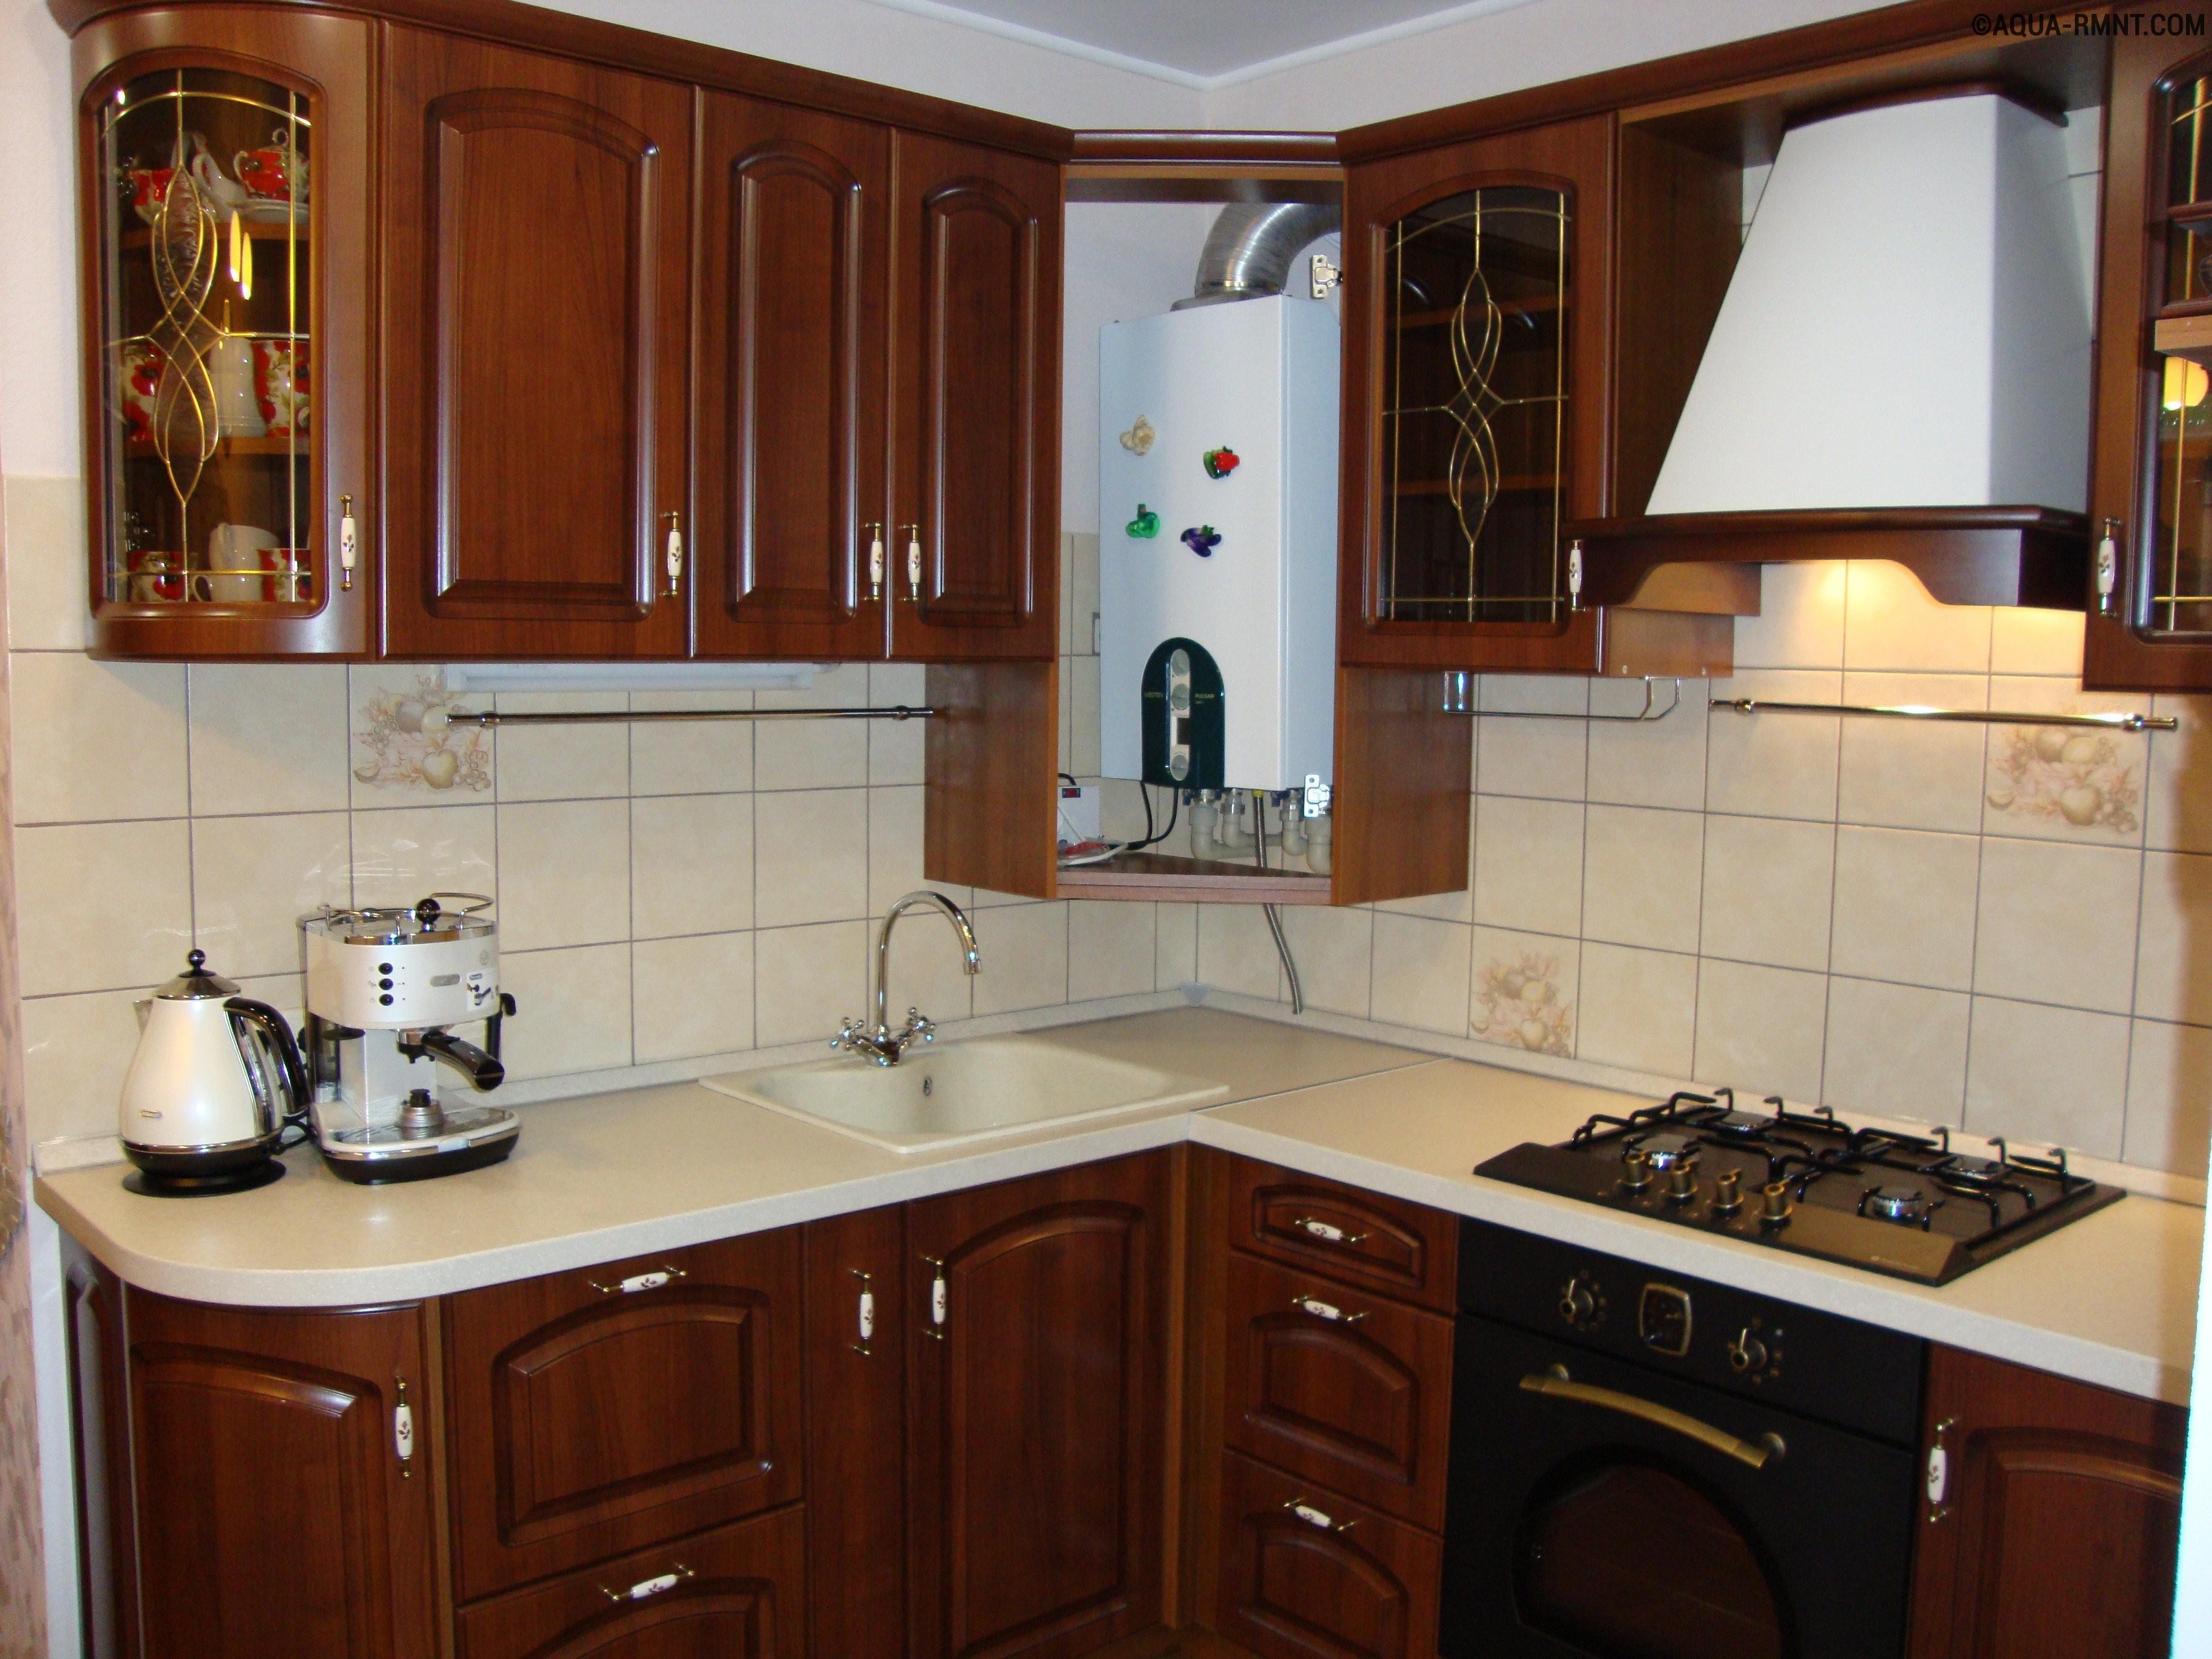 котел двухконтурный на кухне фото